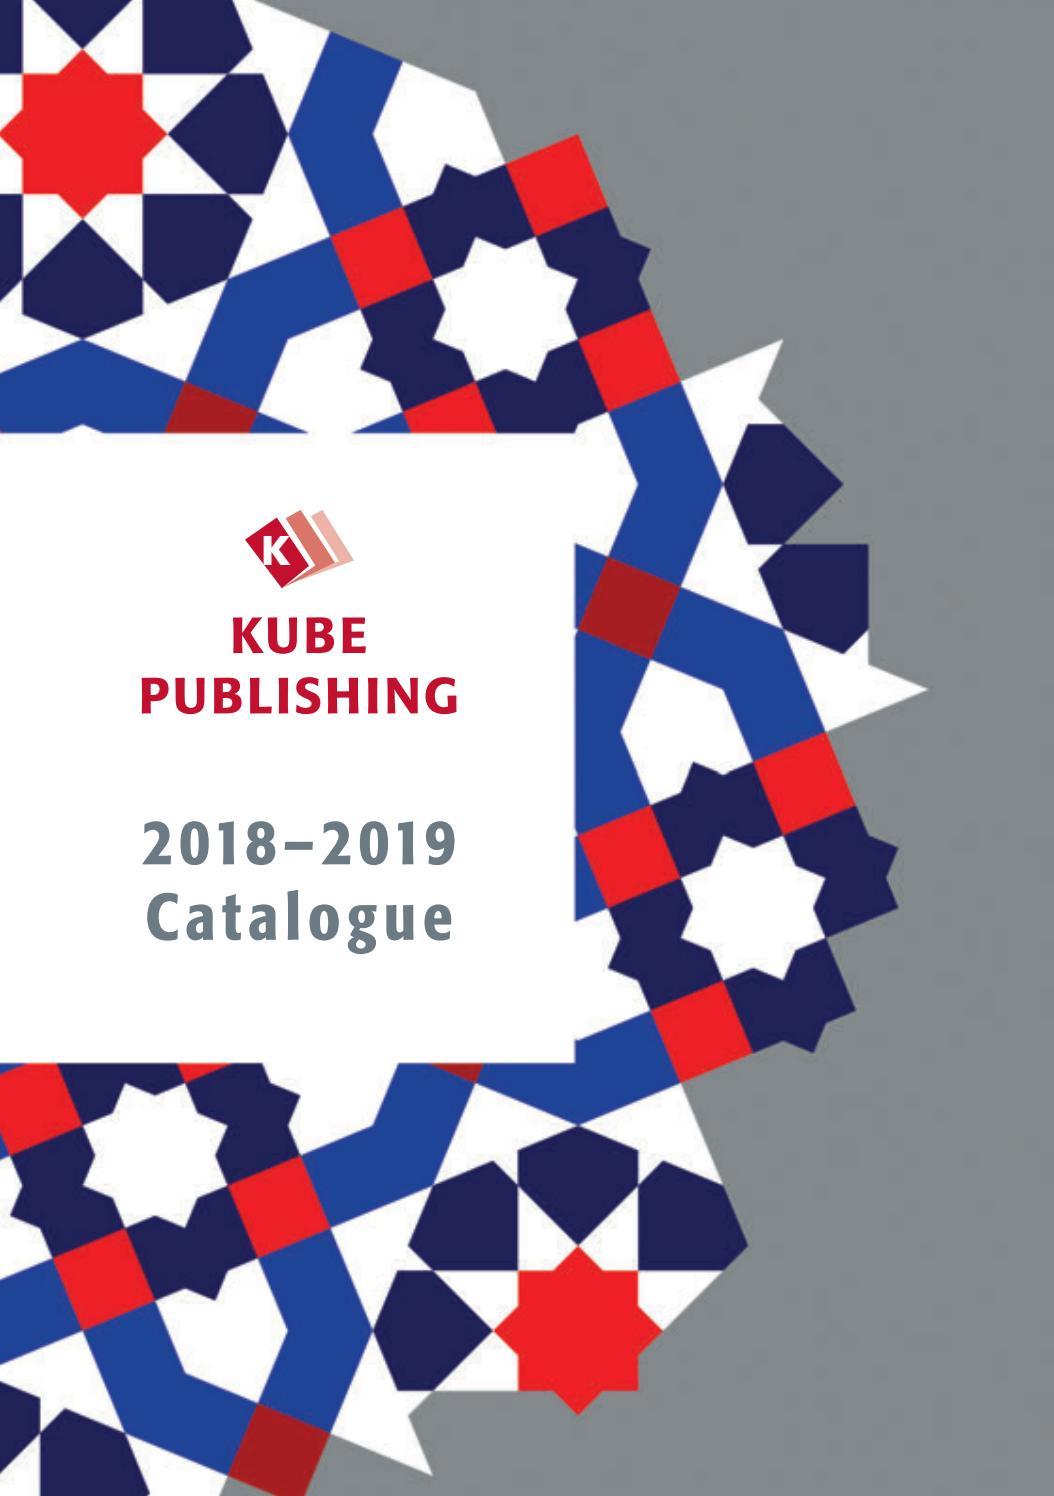 Kube Publishing Trade Catalogue 2018 19 By Issuu Timbuk2 Classic Messenger Abu